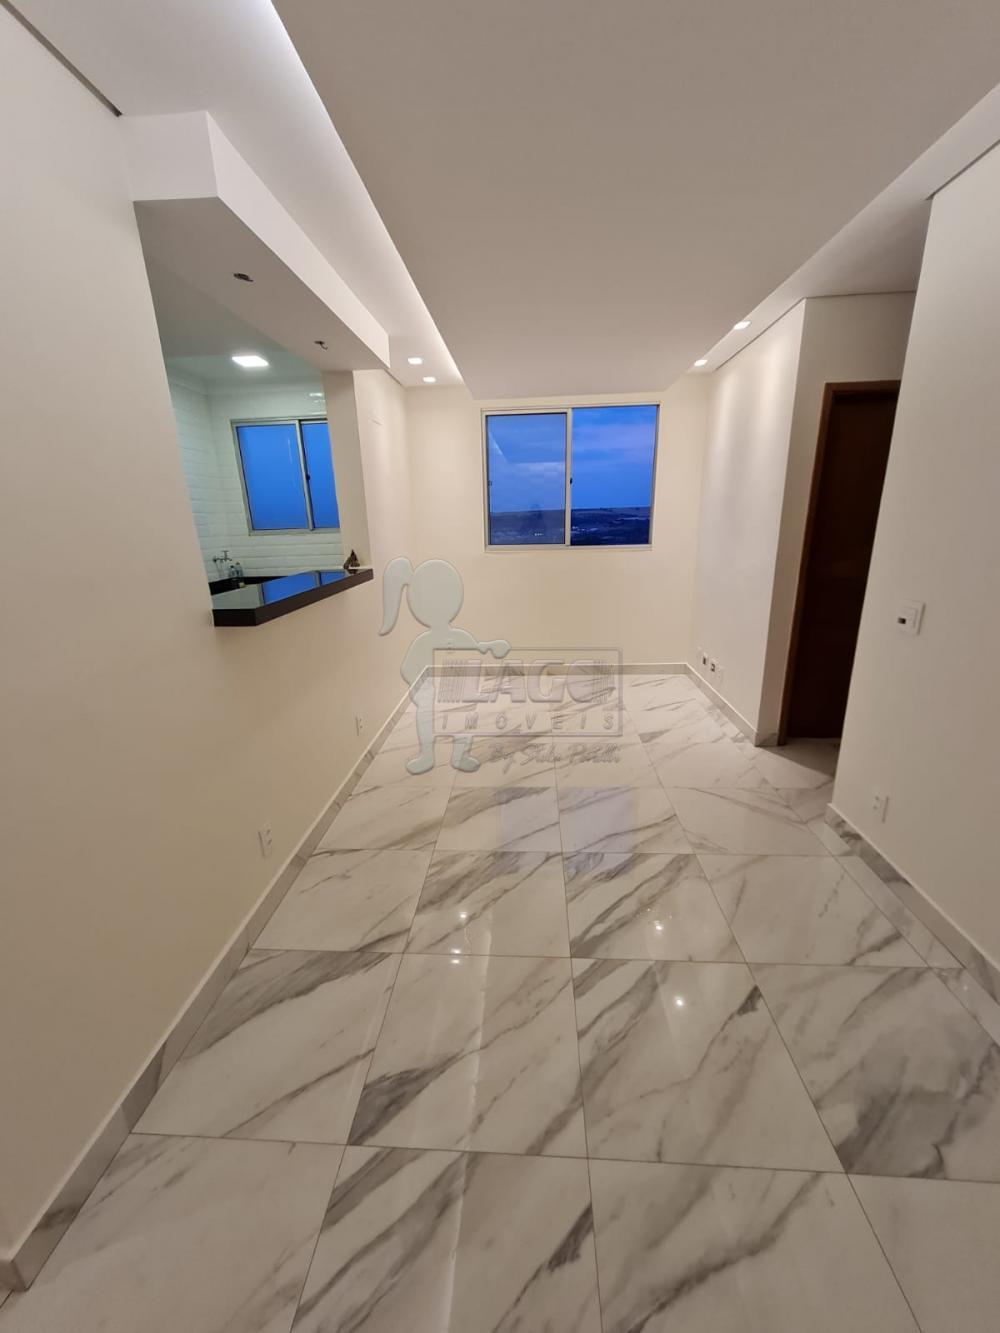 Alugar Apartamento / Padrão em Ribeirao Preto R$ 1.650,00 - Foto 3